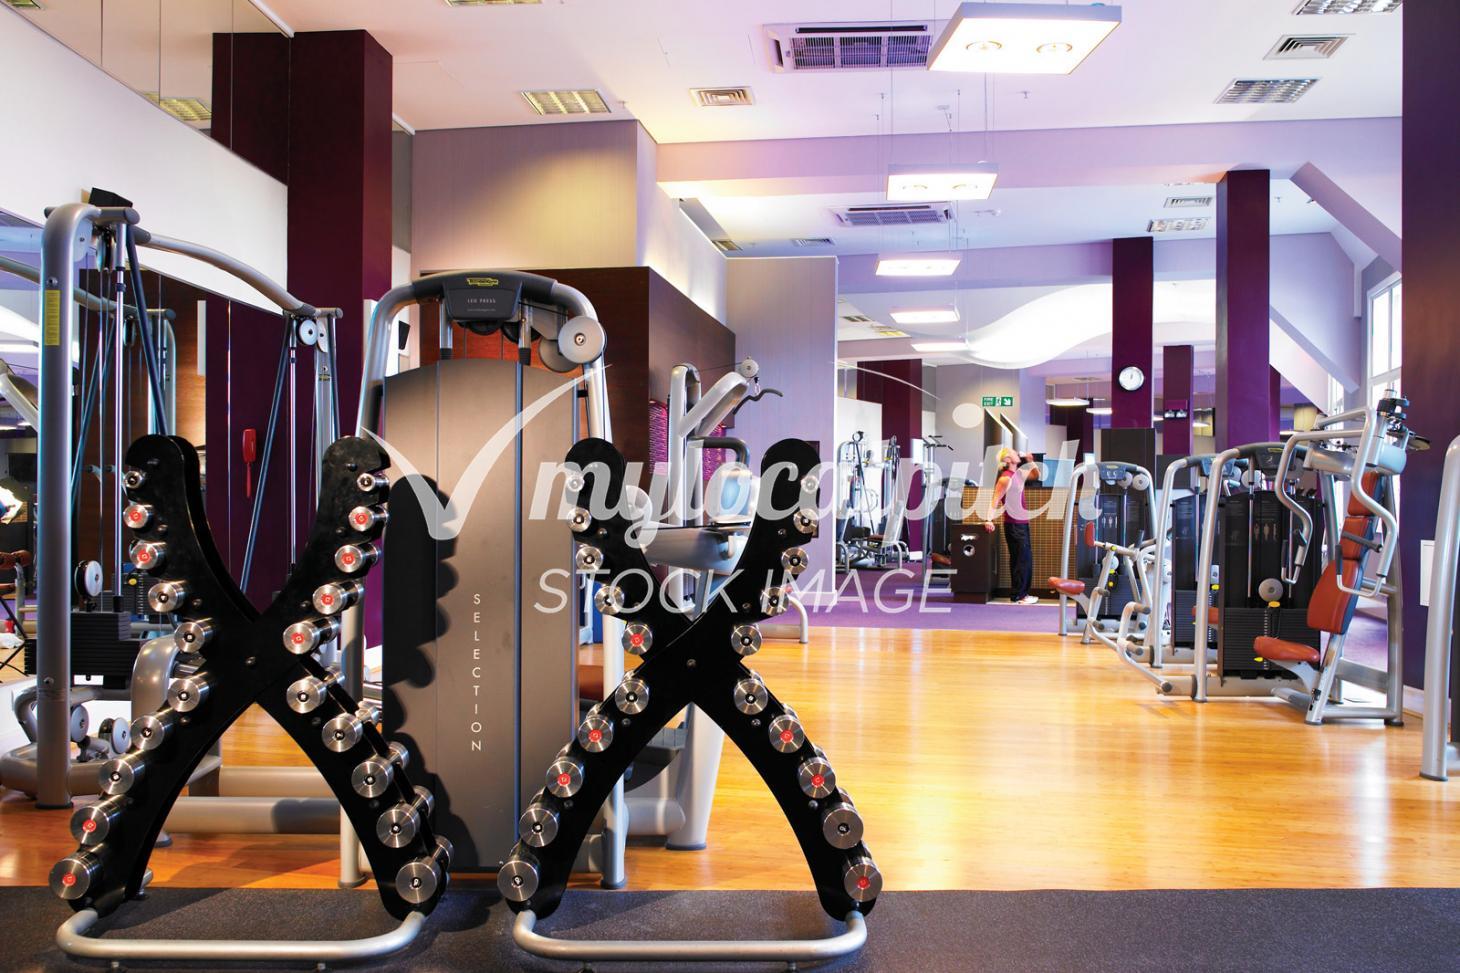 Club Motivation Luton South Gym gym